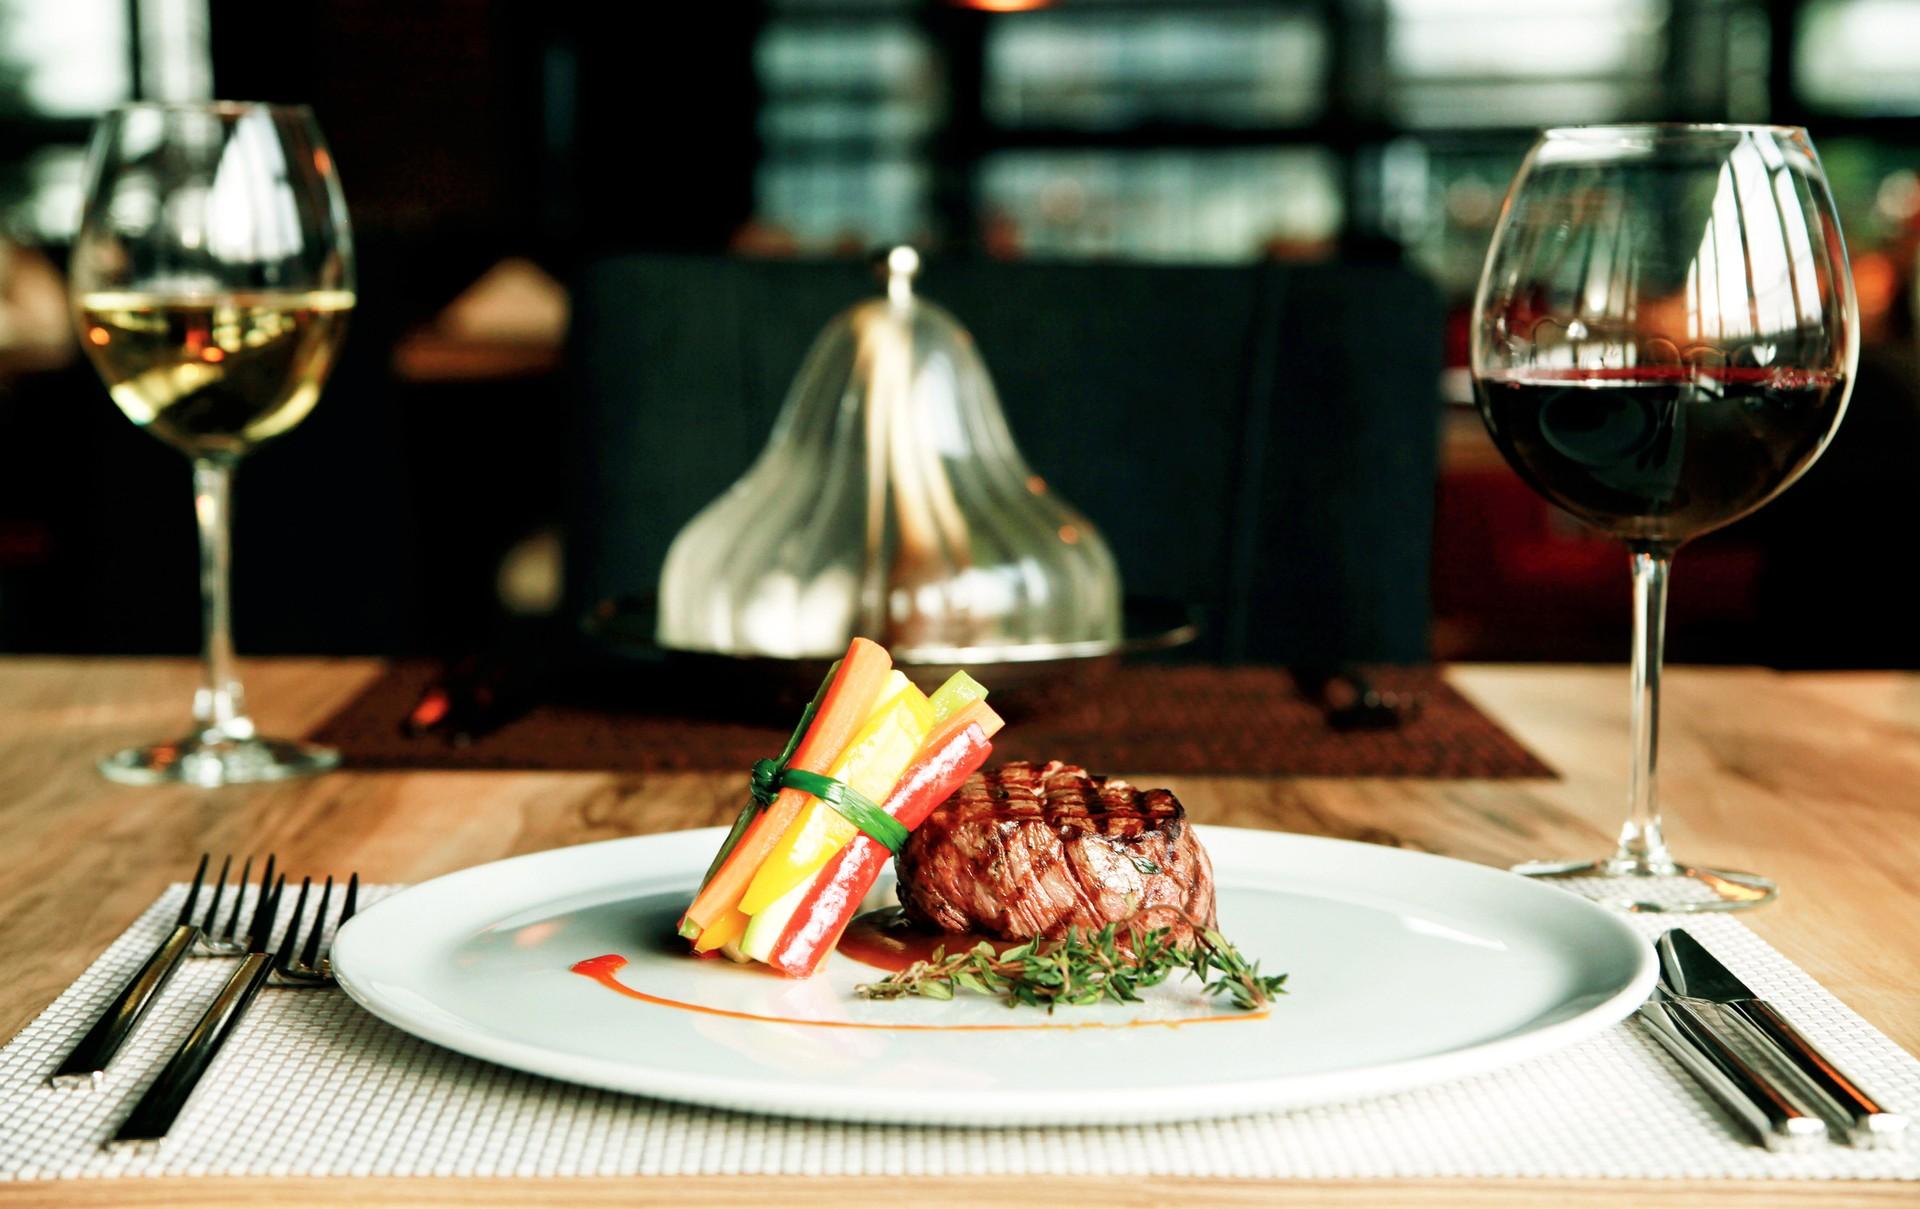 Argentina food tour - gourmet meal